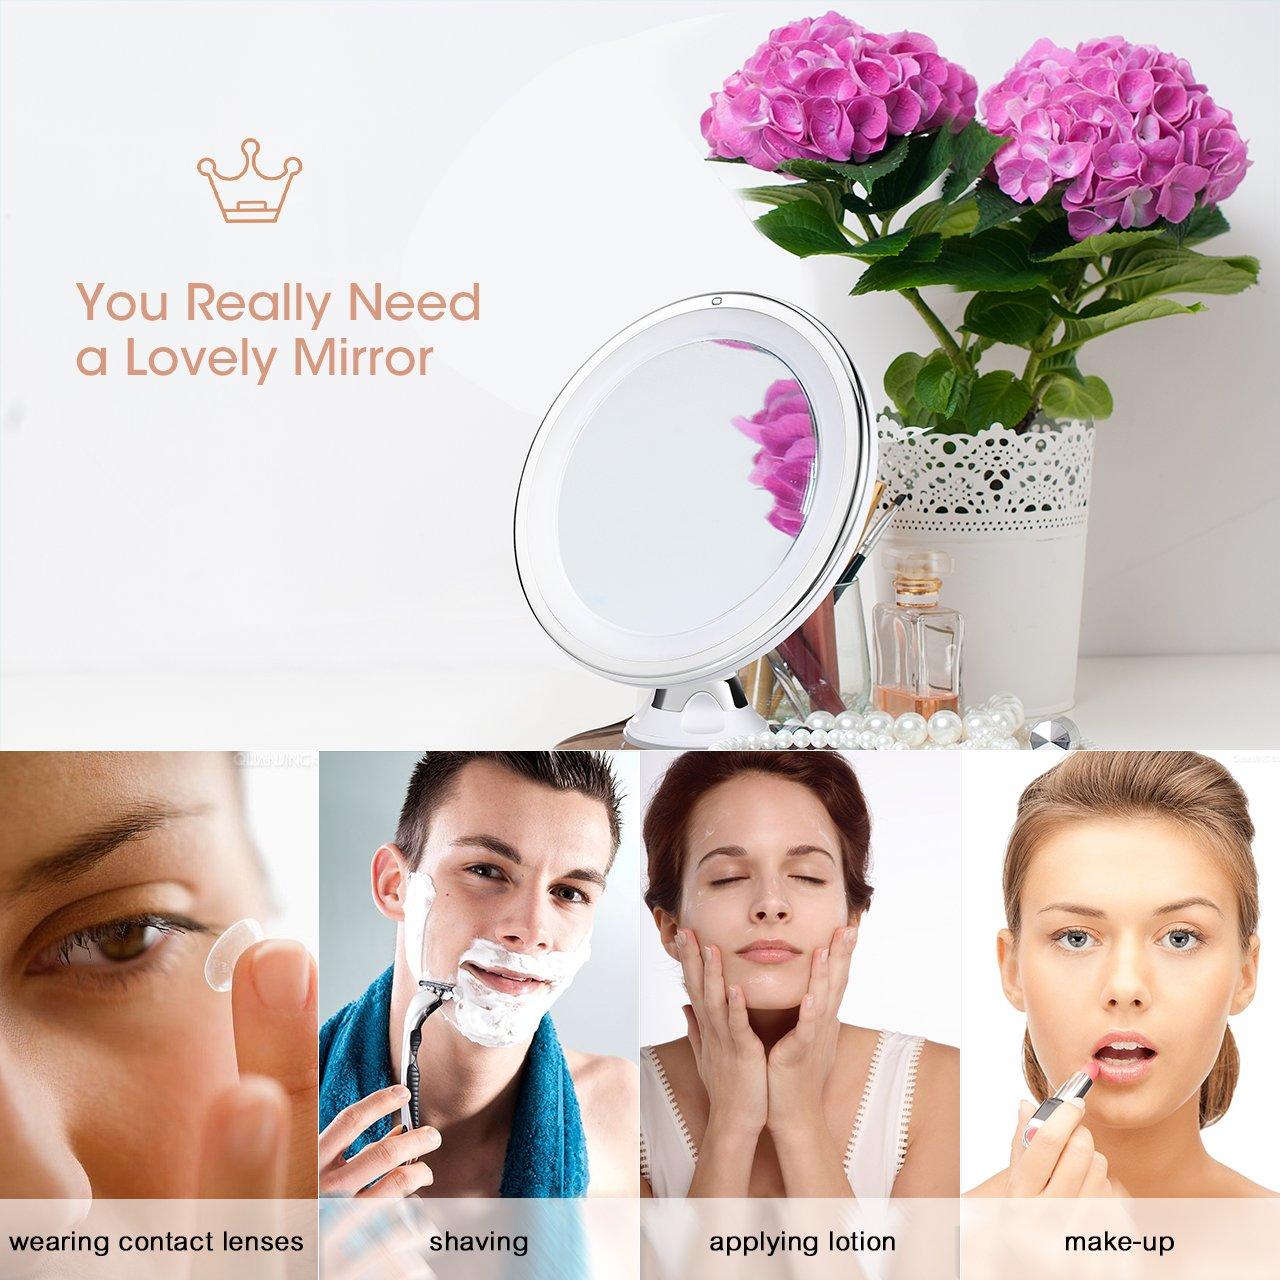 Oferta espejo de maquillaje LiSmile por 18 euros (Oferta FLASH) 1 espejo de maquillaje lismile